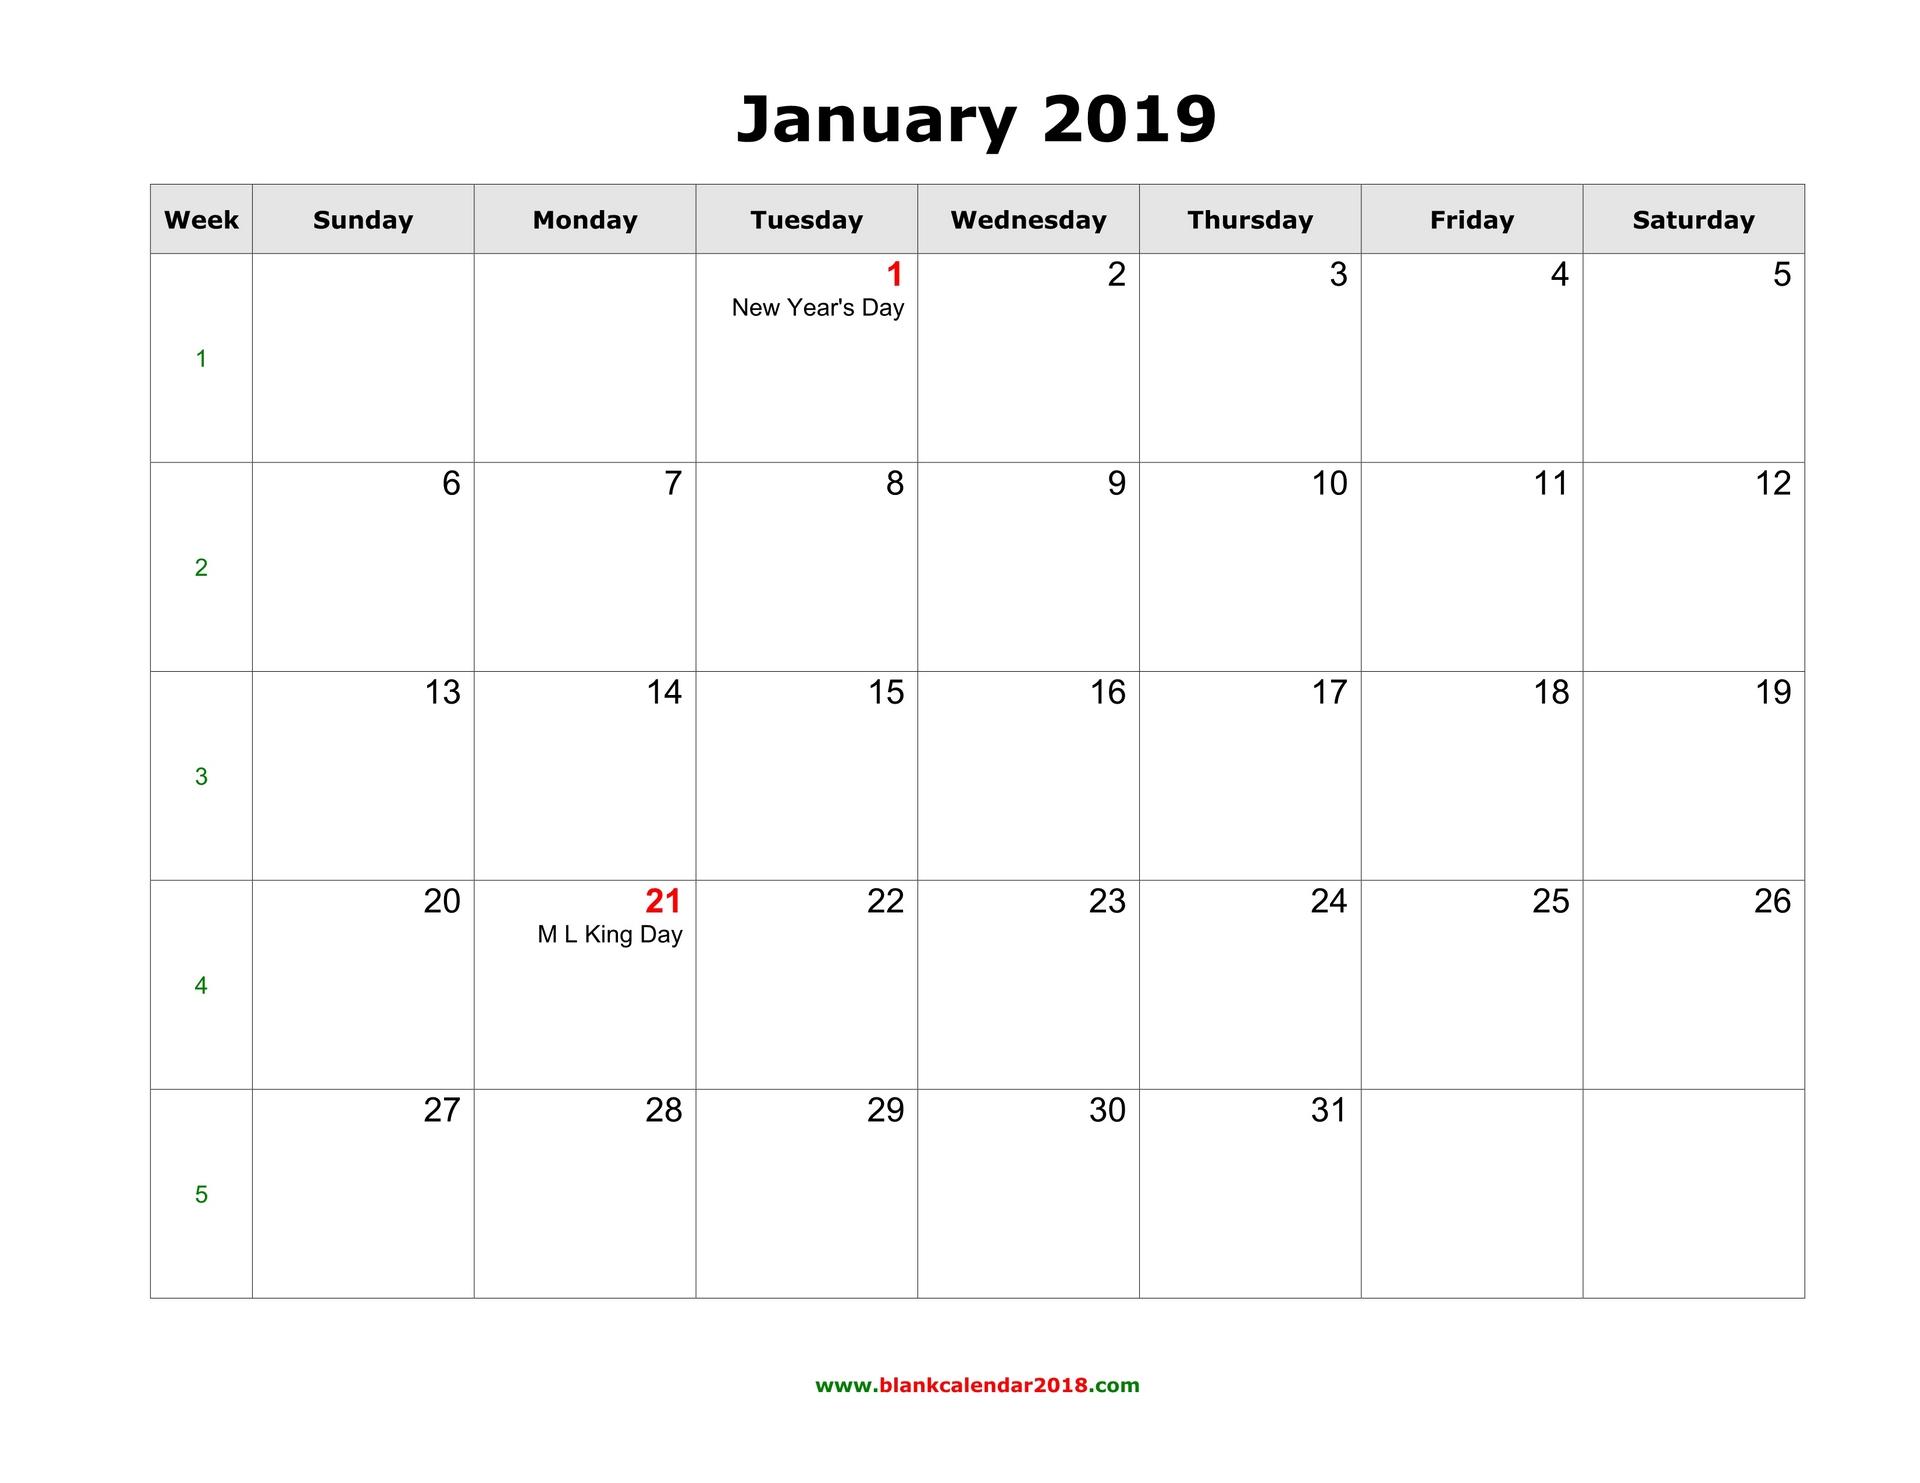 Blank Calendar 2019 Blank Printable Calendar 2019 With Holidays in Full Size Blank Printable Calendar